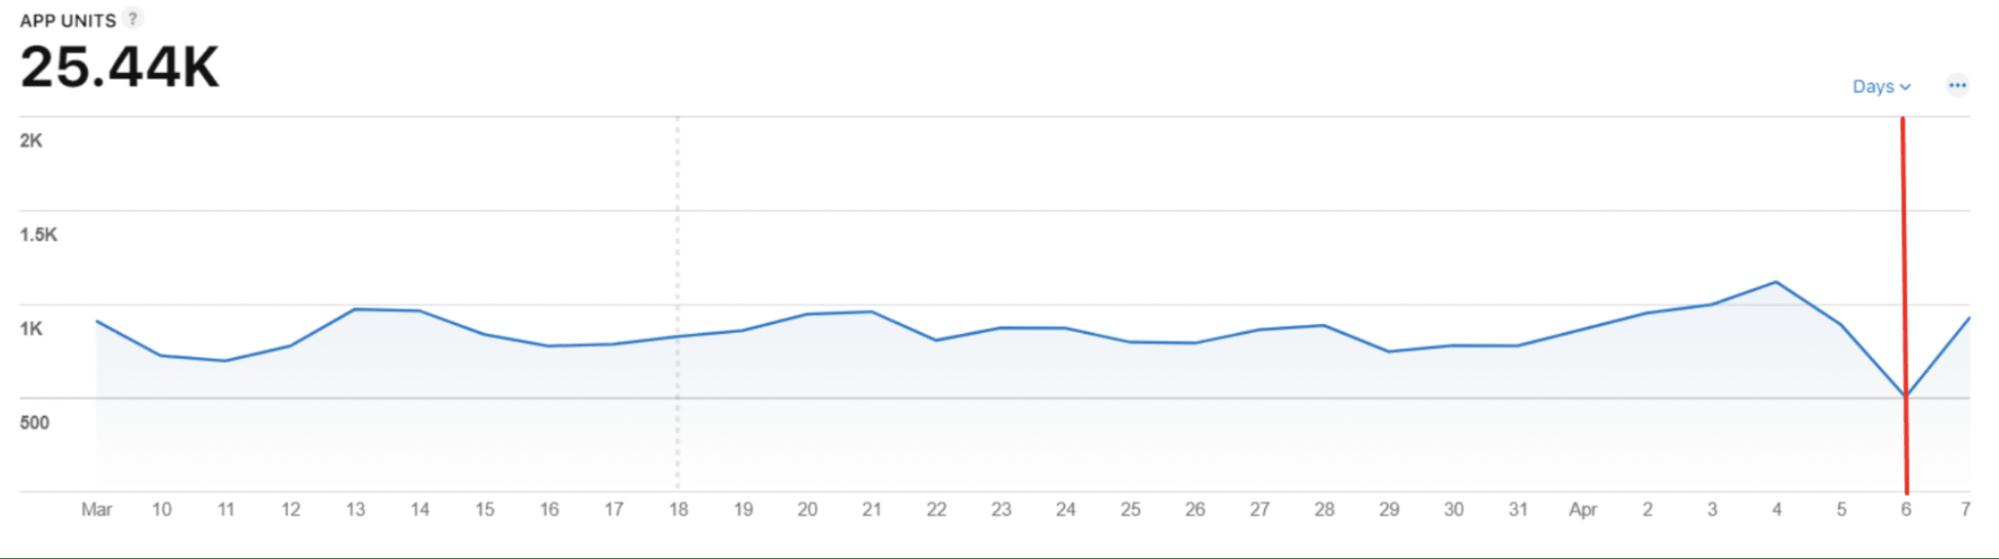 App Units drop chart